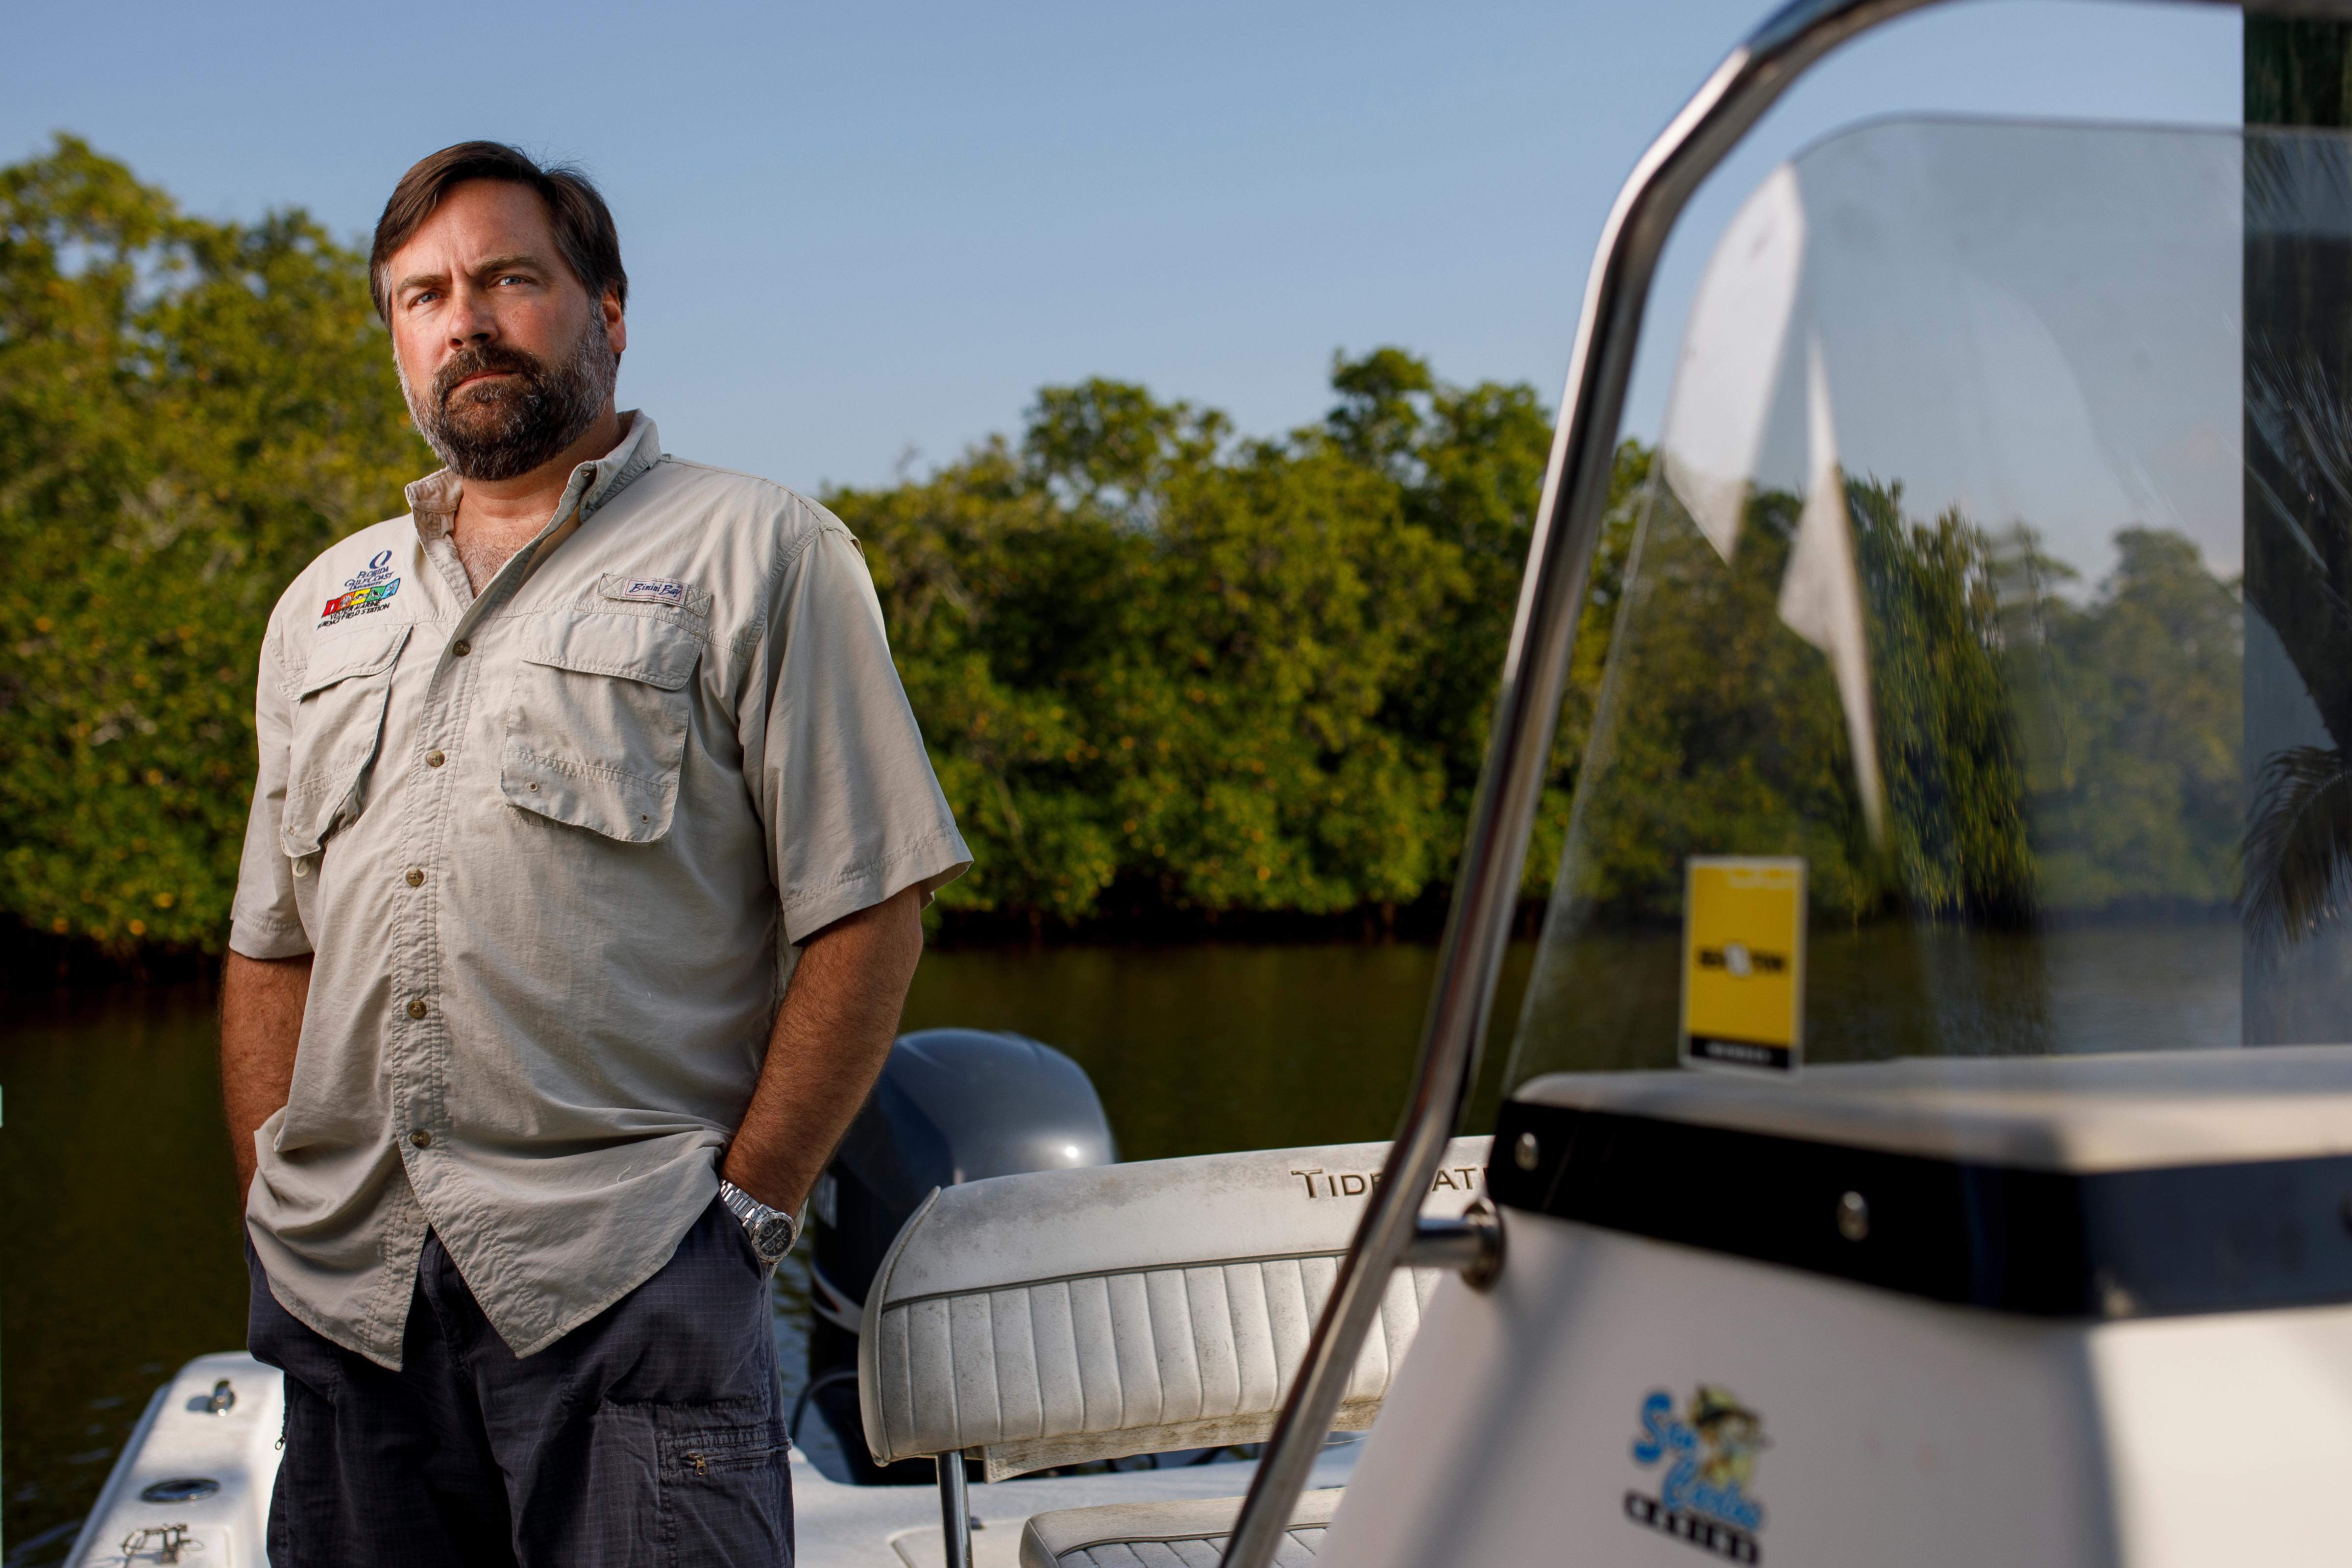 FGCU professor Mike Parsons named to Blue-Green Algae Task Force